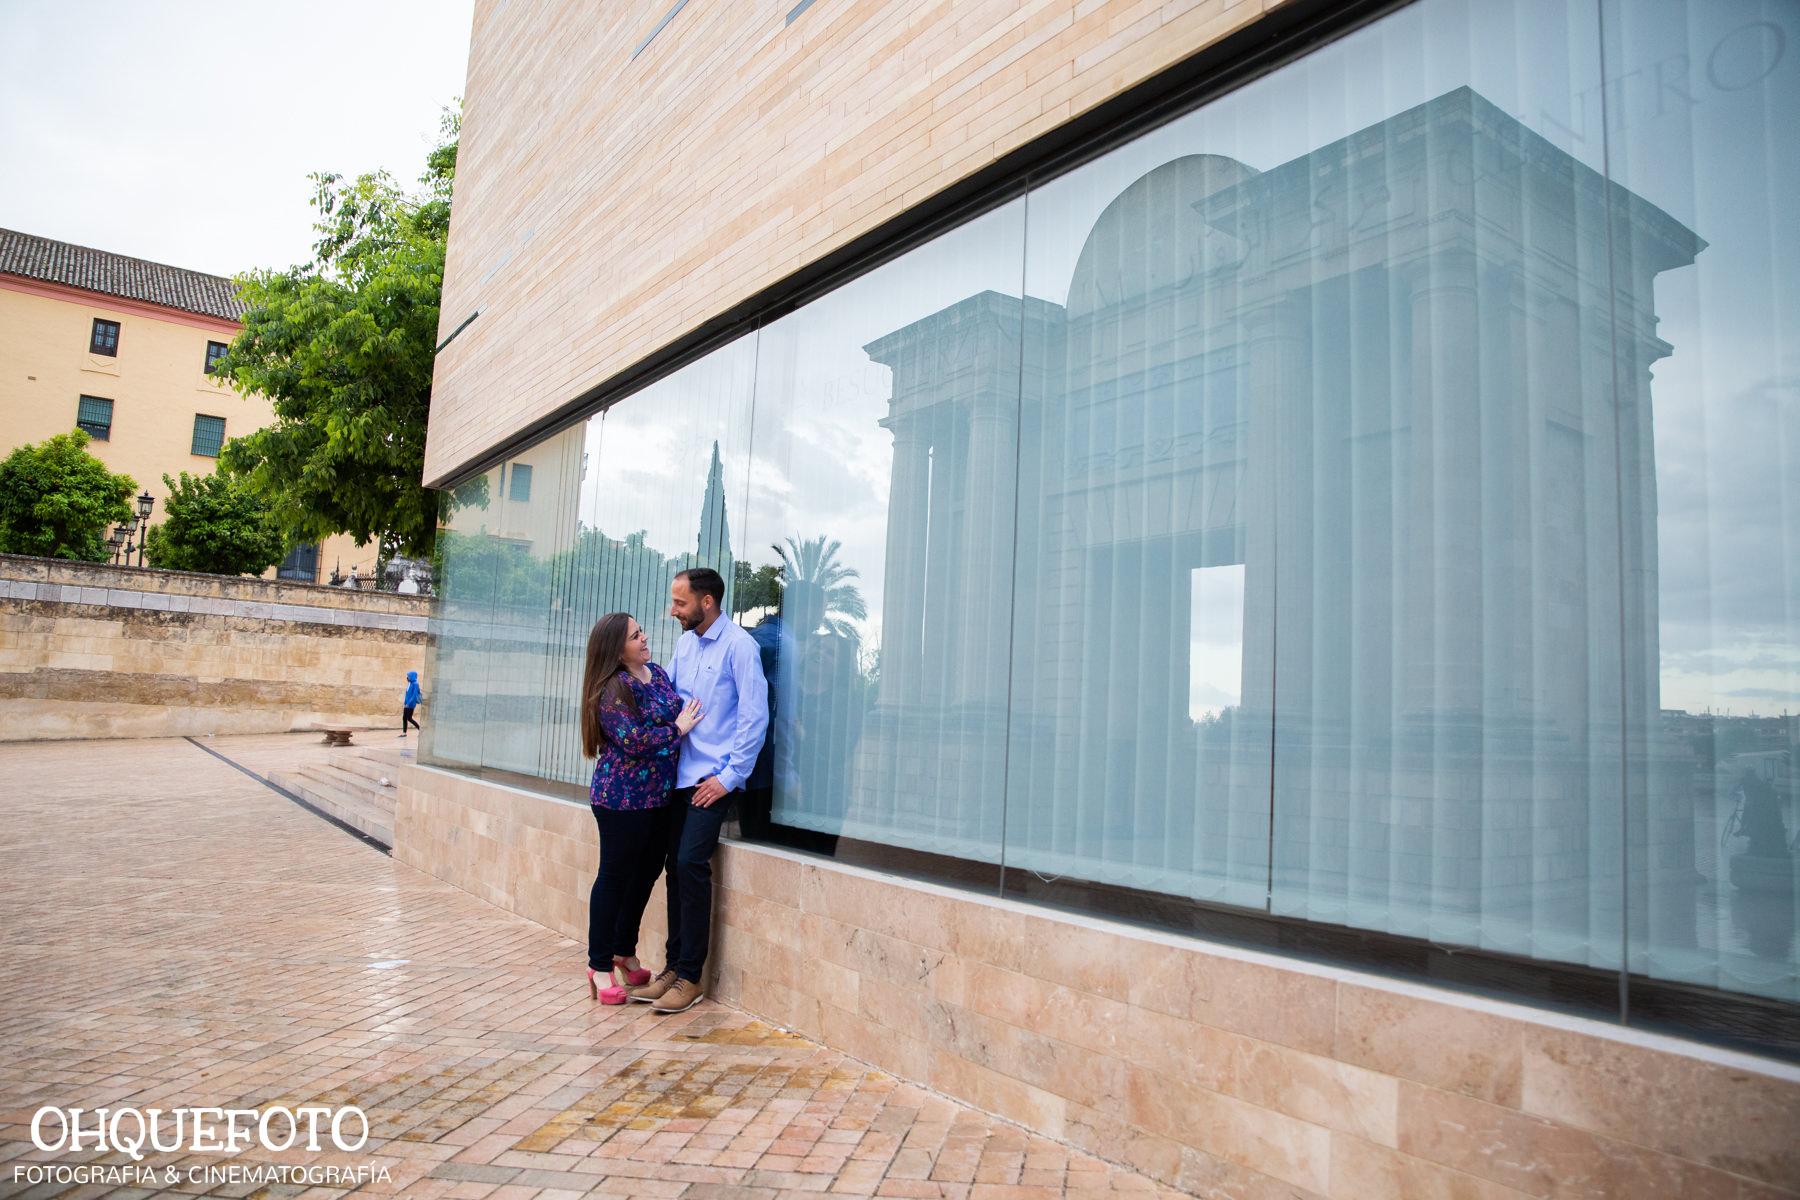 preboda en la judería de cordoba preboda en puente romano cordoba fotos de preboda en cordoba reportaje antes de la boda400 - Reportaje de preboda en la Judería de Córdoba - Elena y Jose